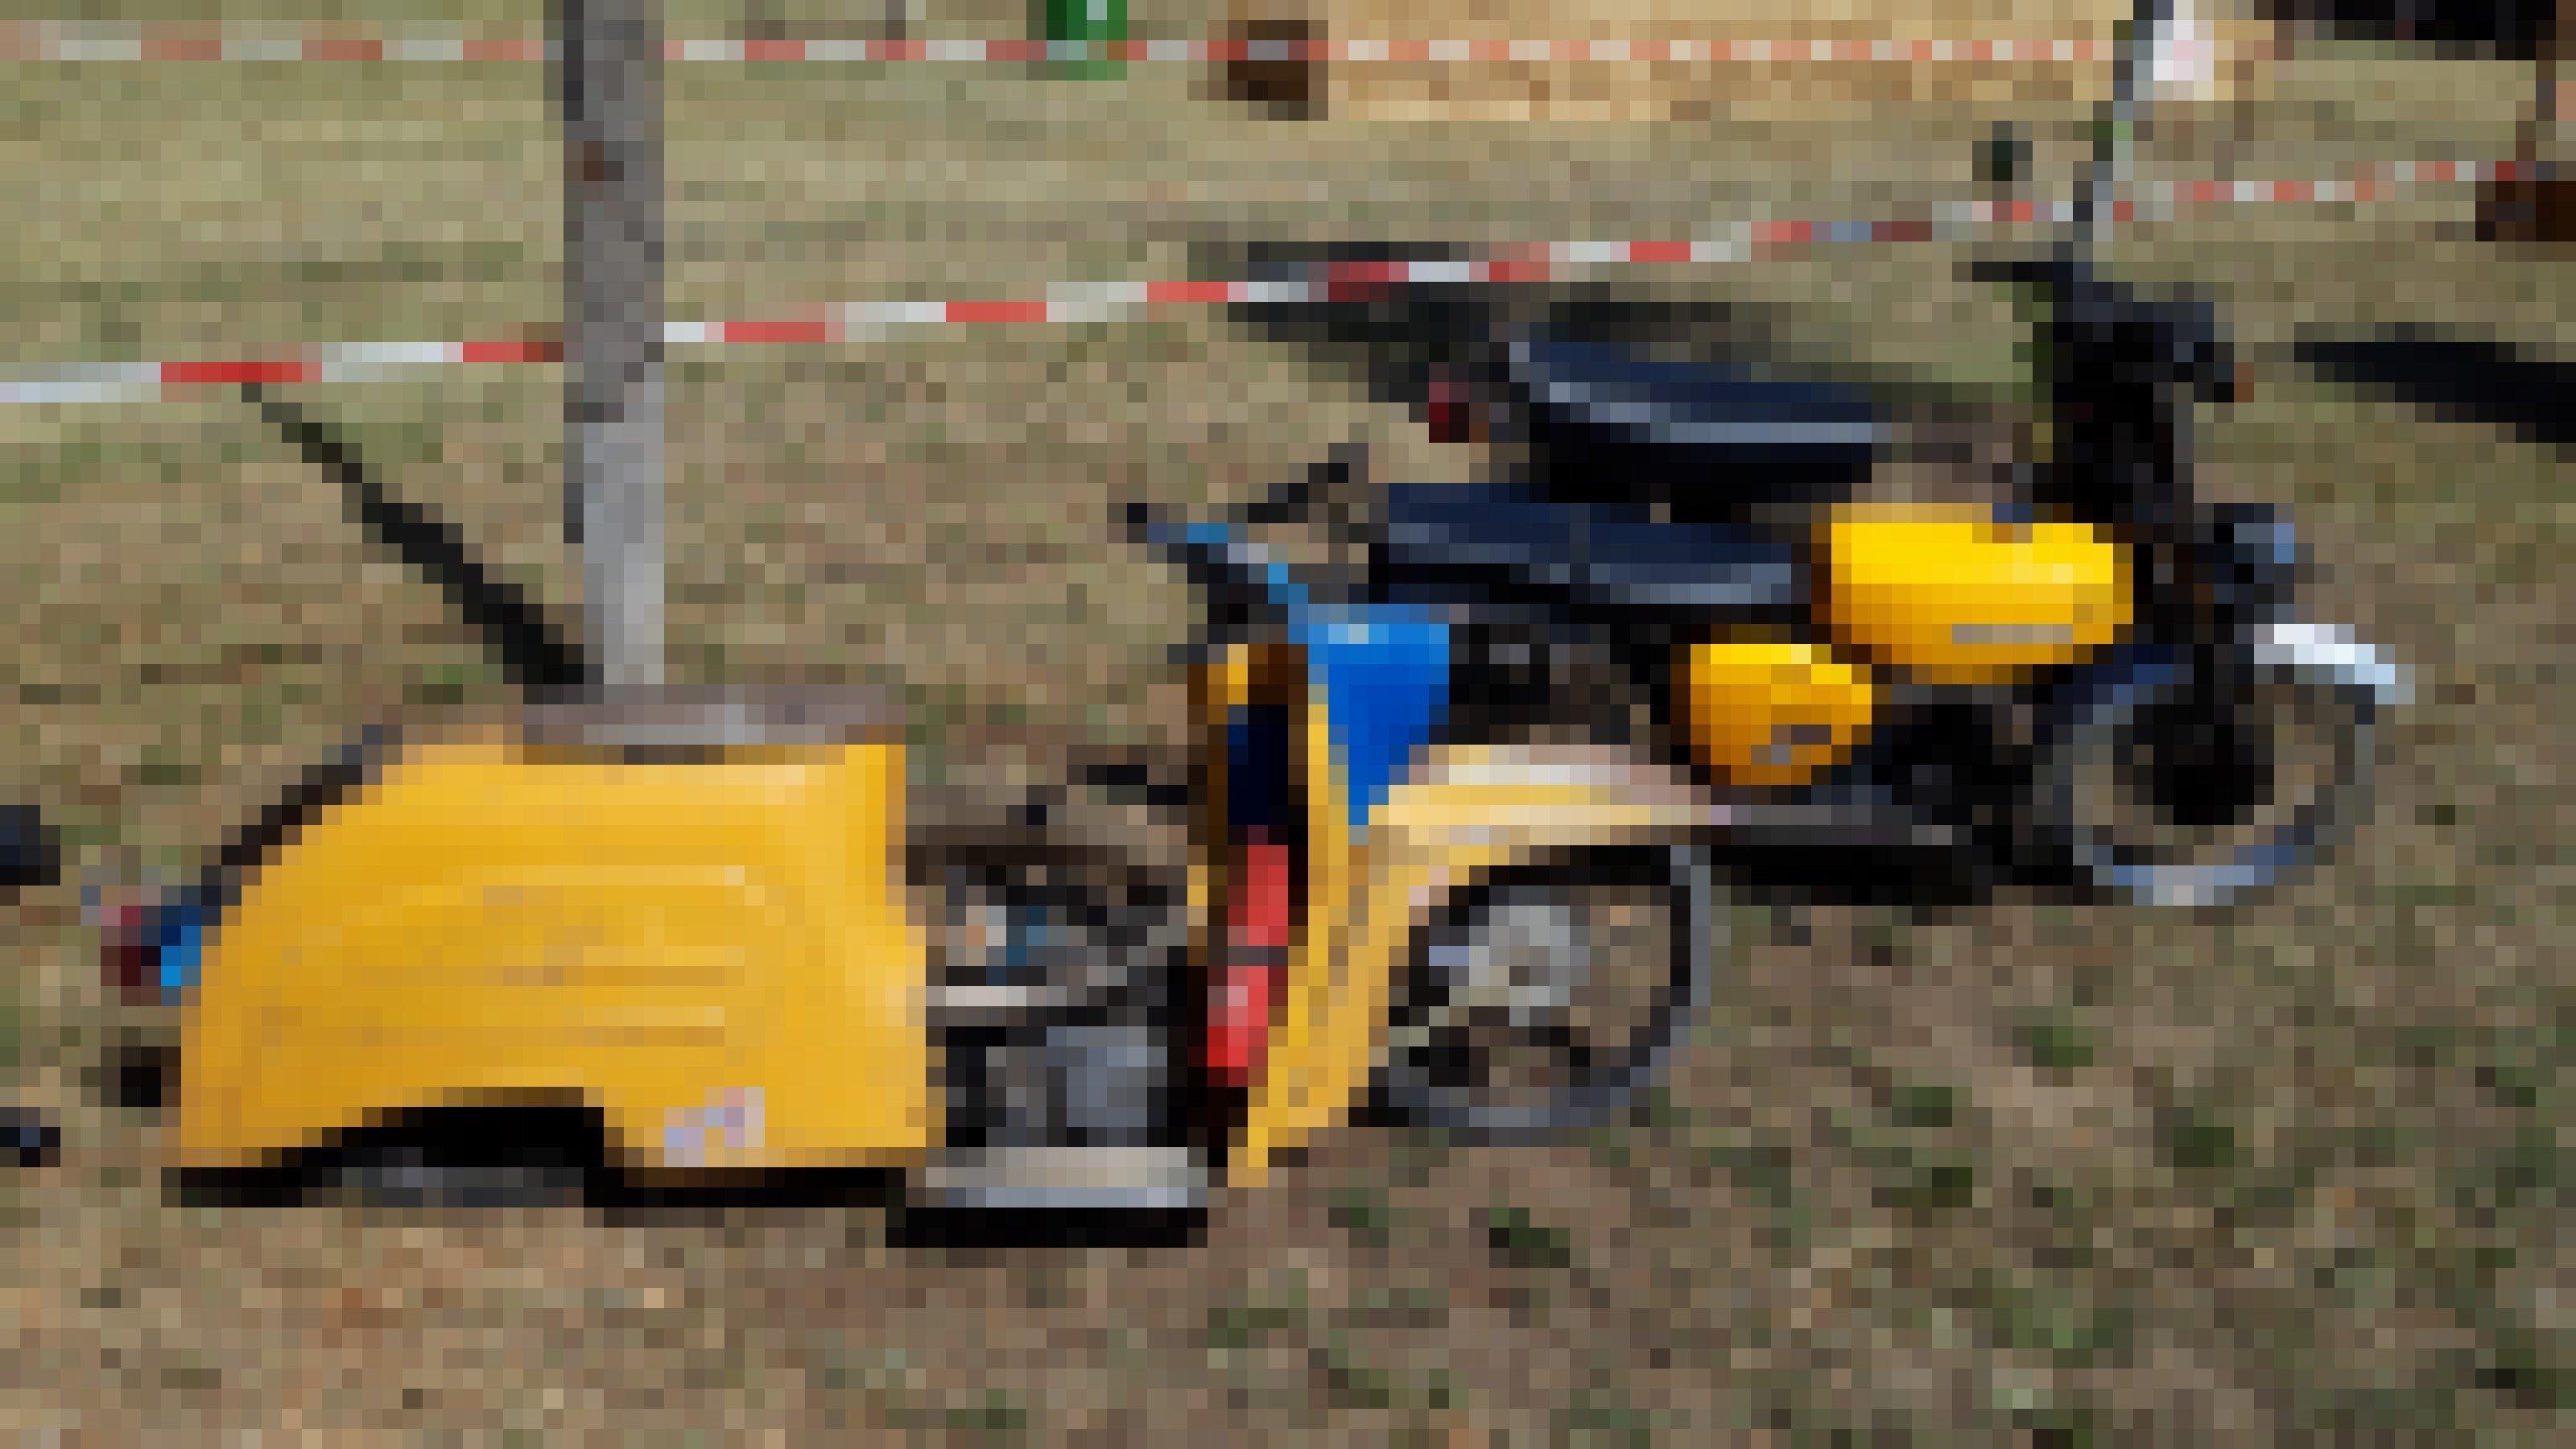 Einem gelben Moped fehlt das Hinterrad